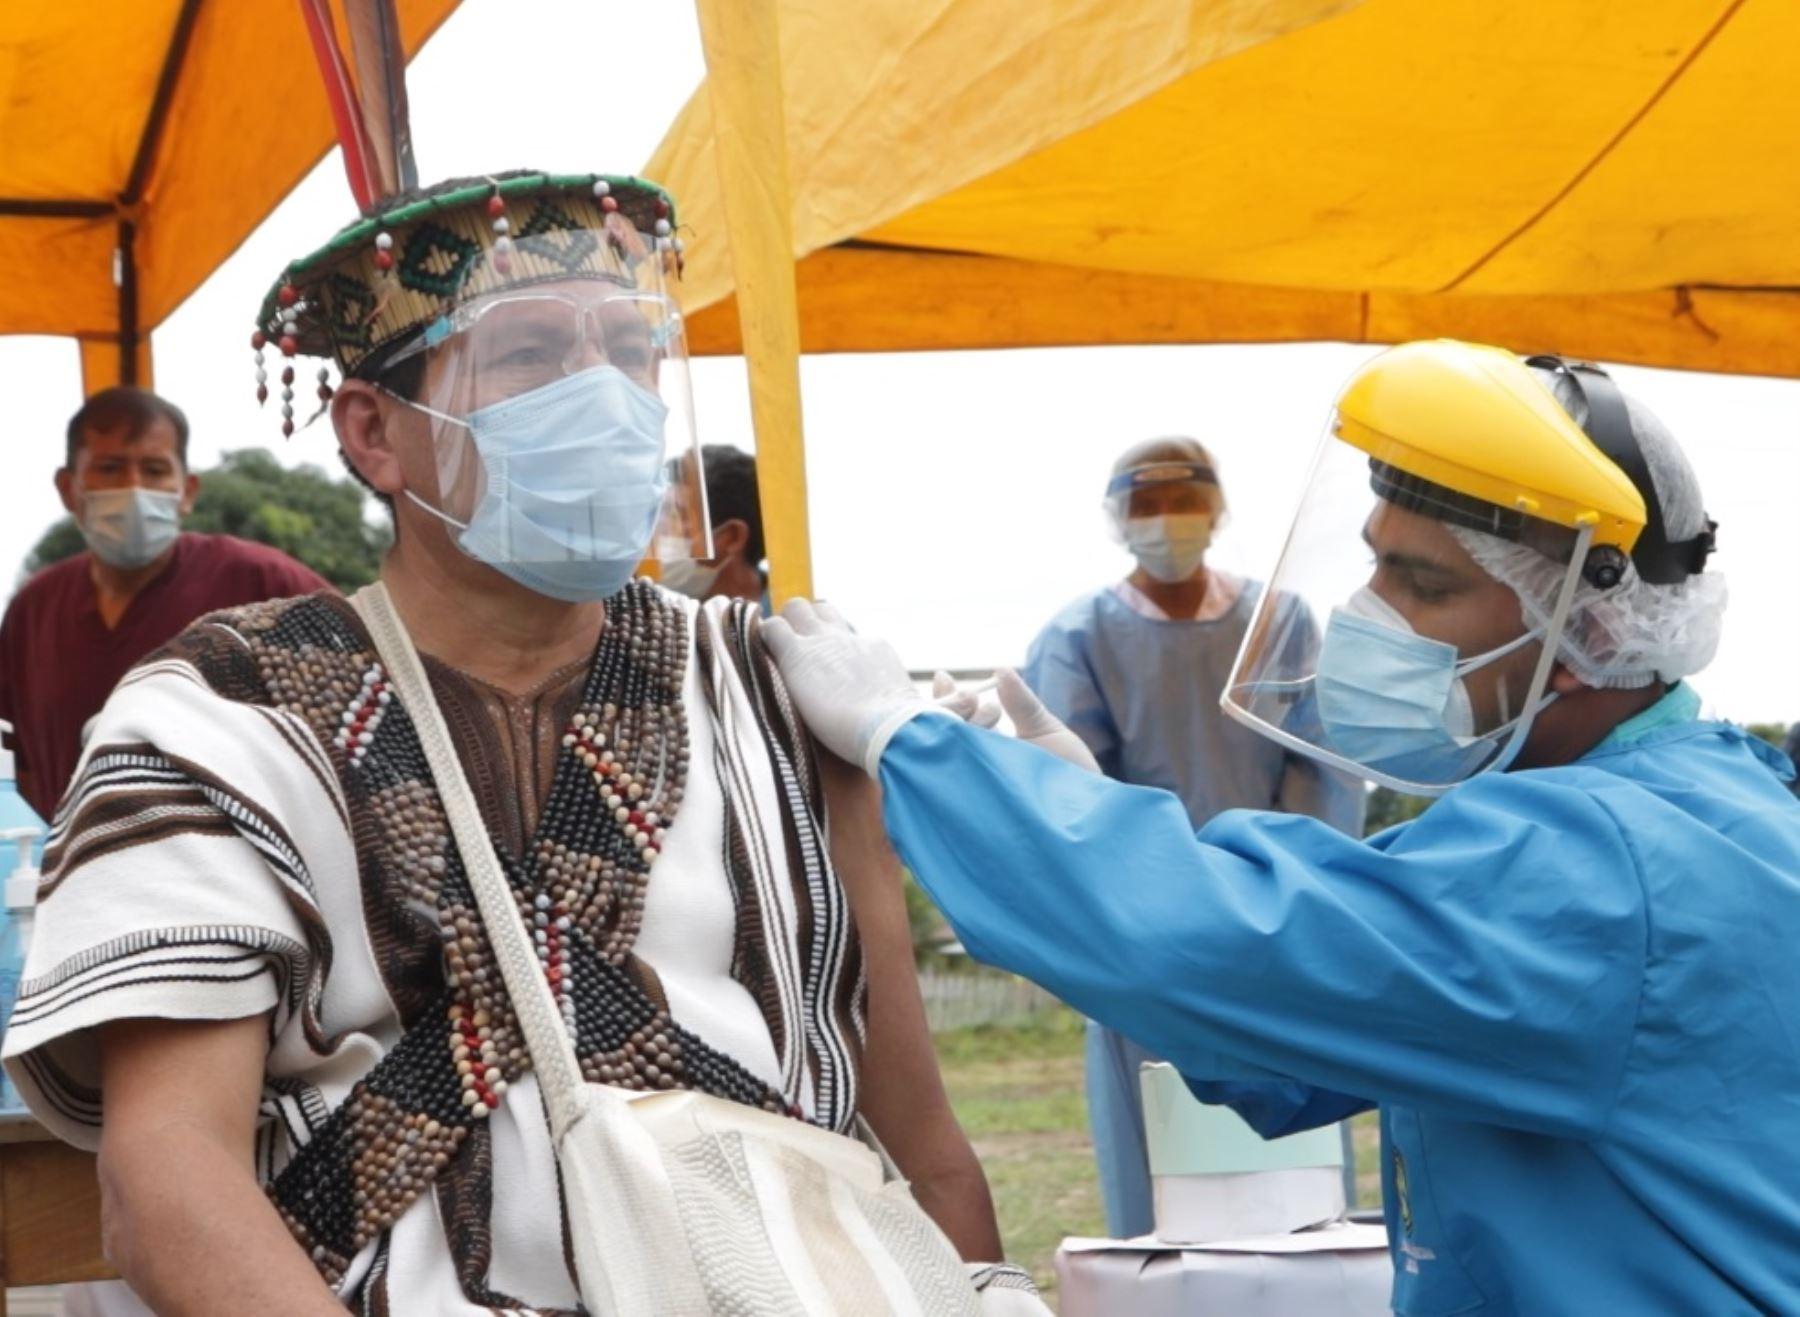 El Ministerio de Salud destacó que el proceso de vacunación contra el covid-19 en zonas de frontera y comunidades indígenas avanza a paso sostenido. ANDINA/Difusión